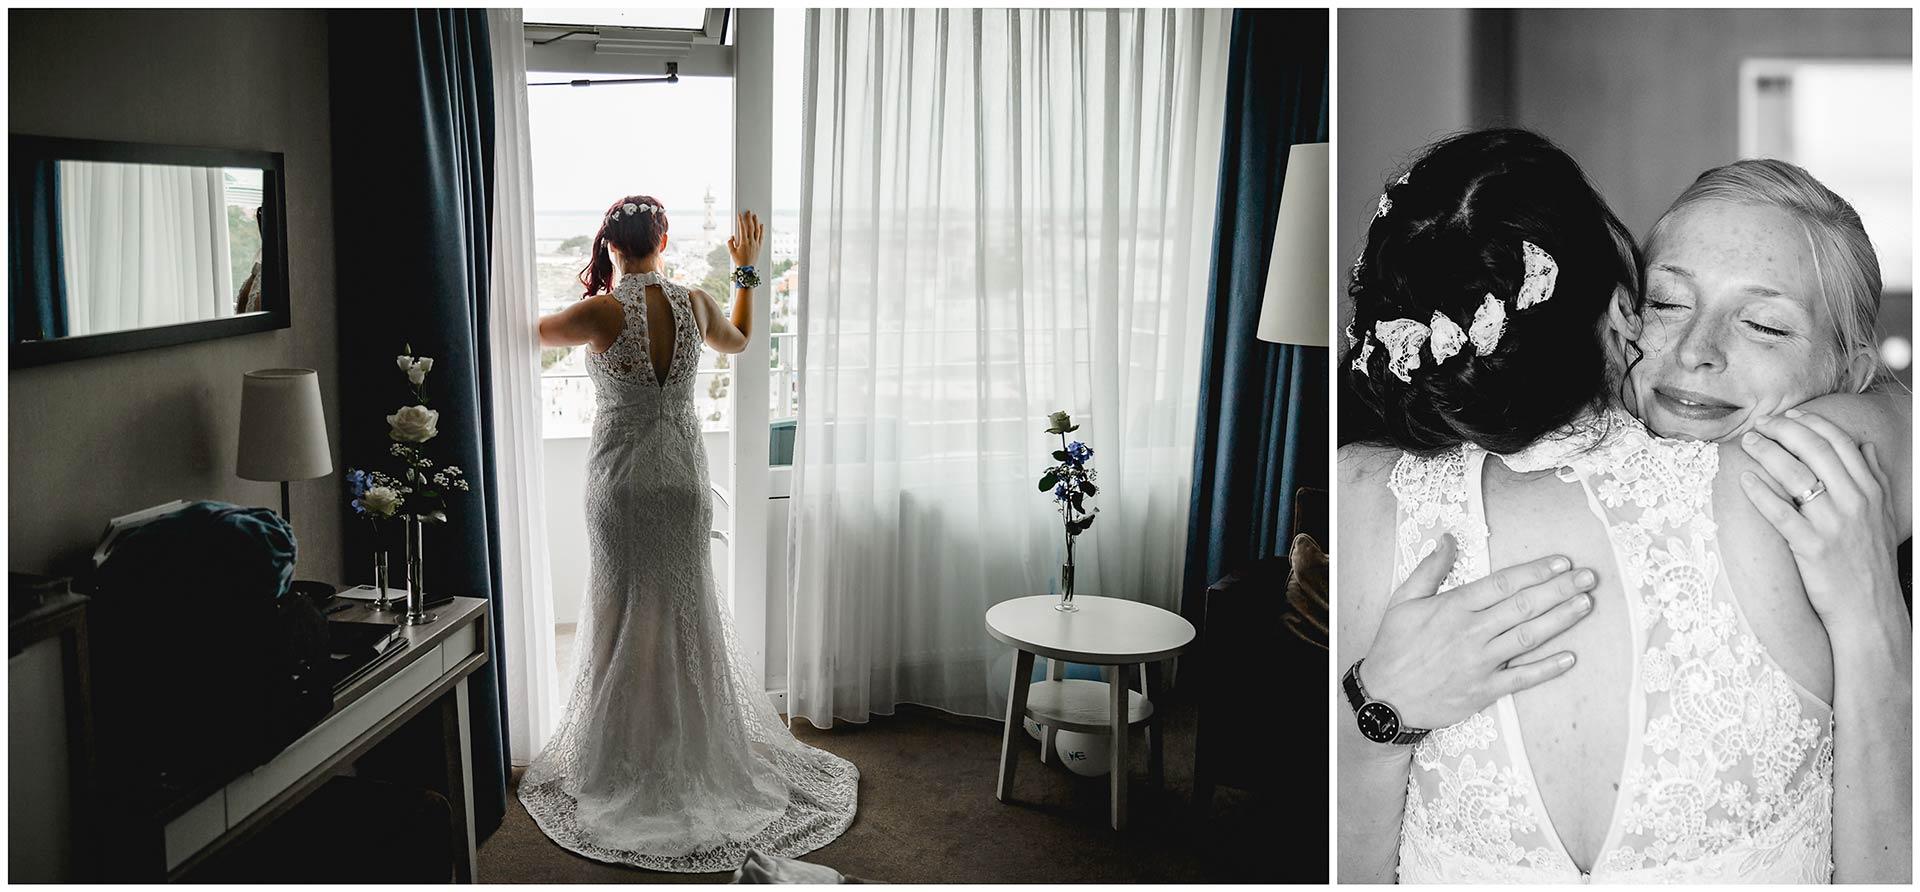 Foto-1-Braut-im-Hochzeitskleid-von-hinten-von-hinten-Foto-2-Braut-umarmt-Trauzeugin-Hochzeitsfotograf-Warnemuende-Rostock-Hochzeitsfotograf-Ostseebad-Warnemuende